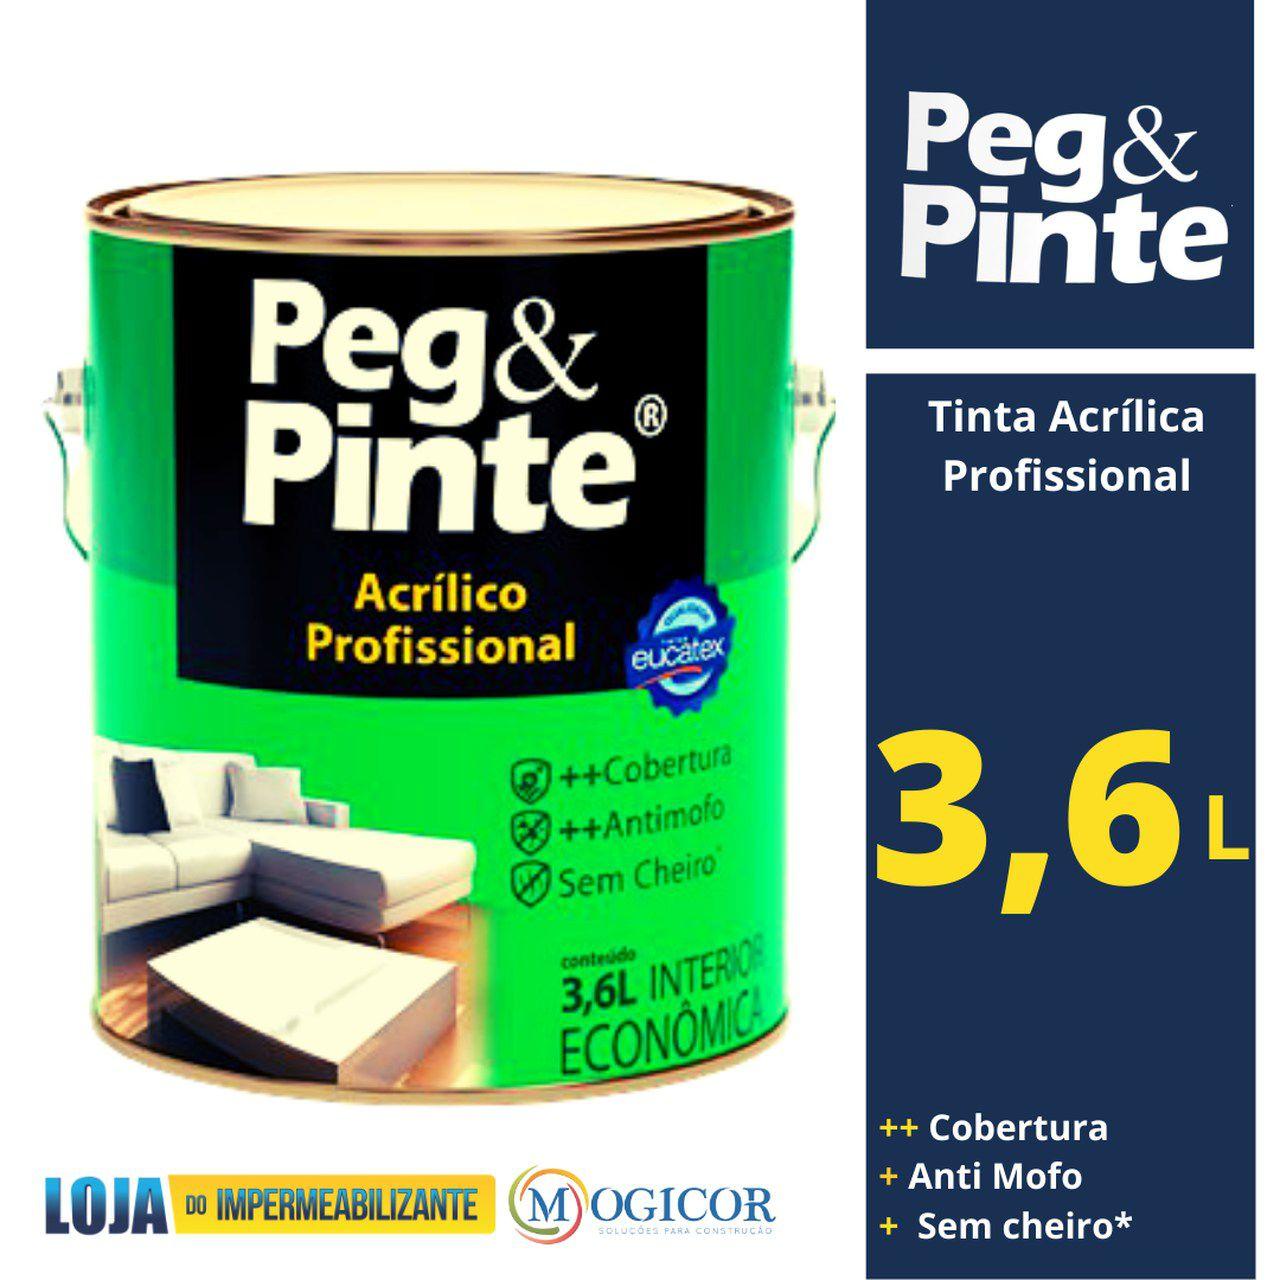 TINTA ACRÍLICA EUCATEX PEG & PINTE ACRÍLICO PROFISSIONAL 3,6l